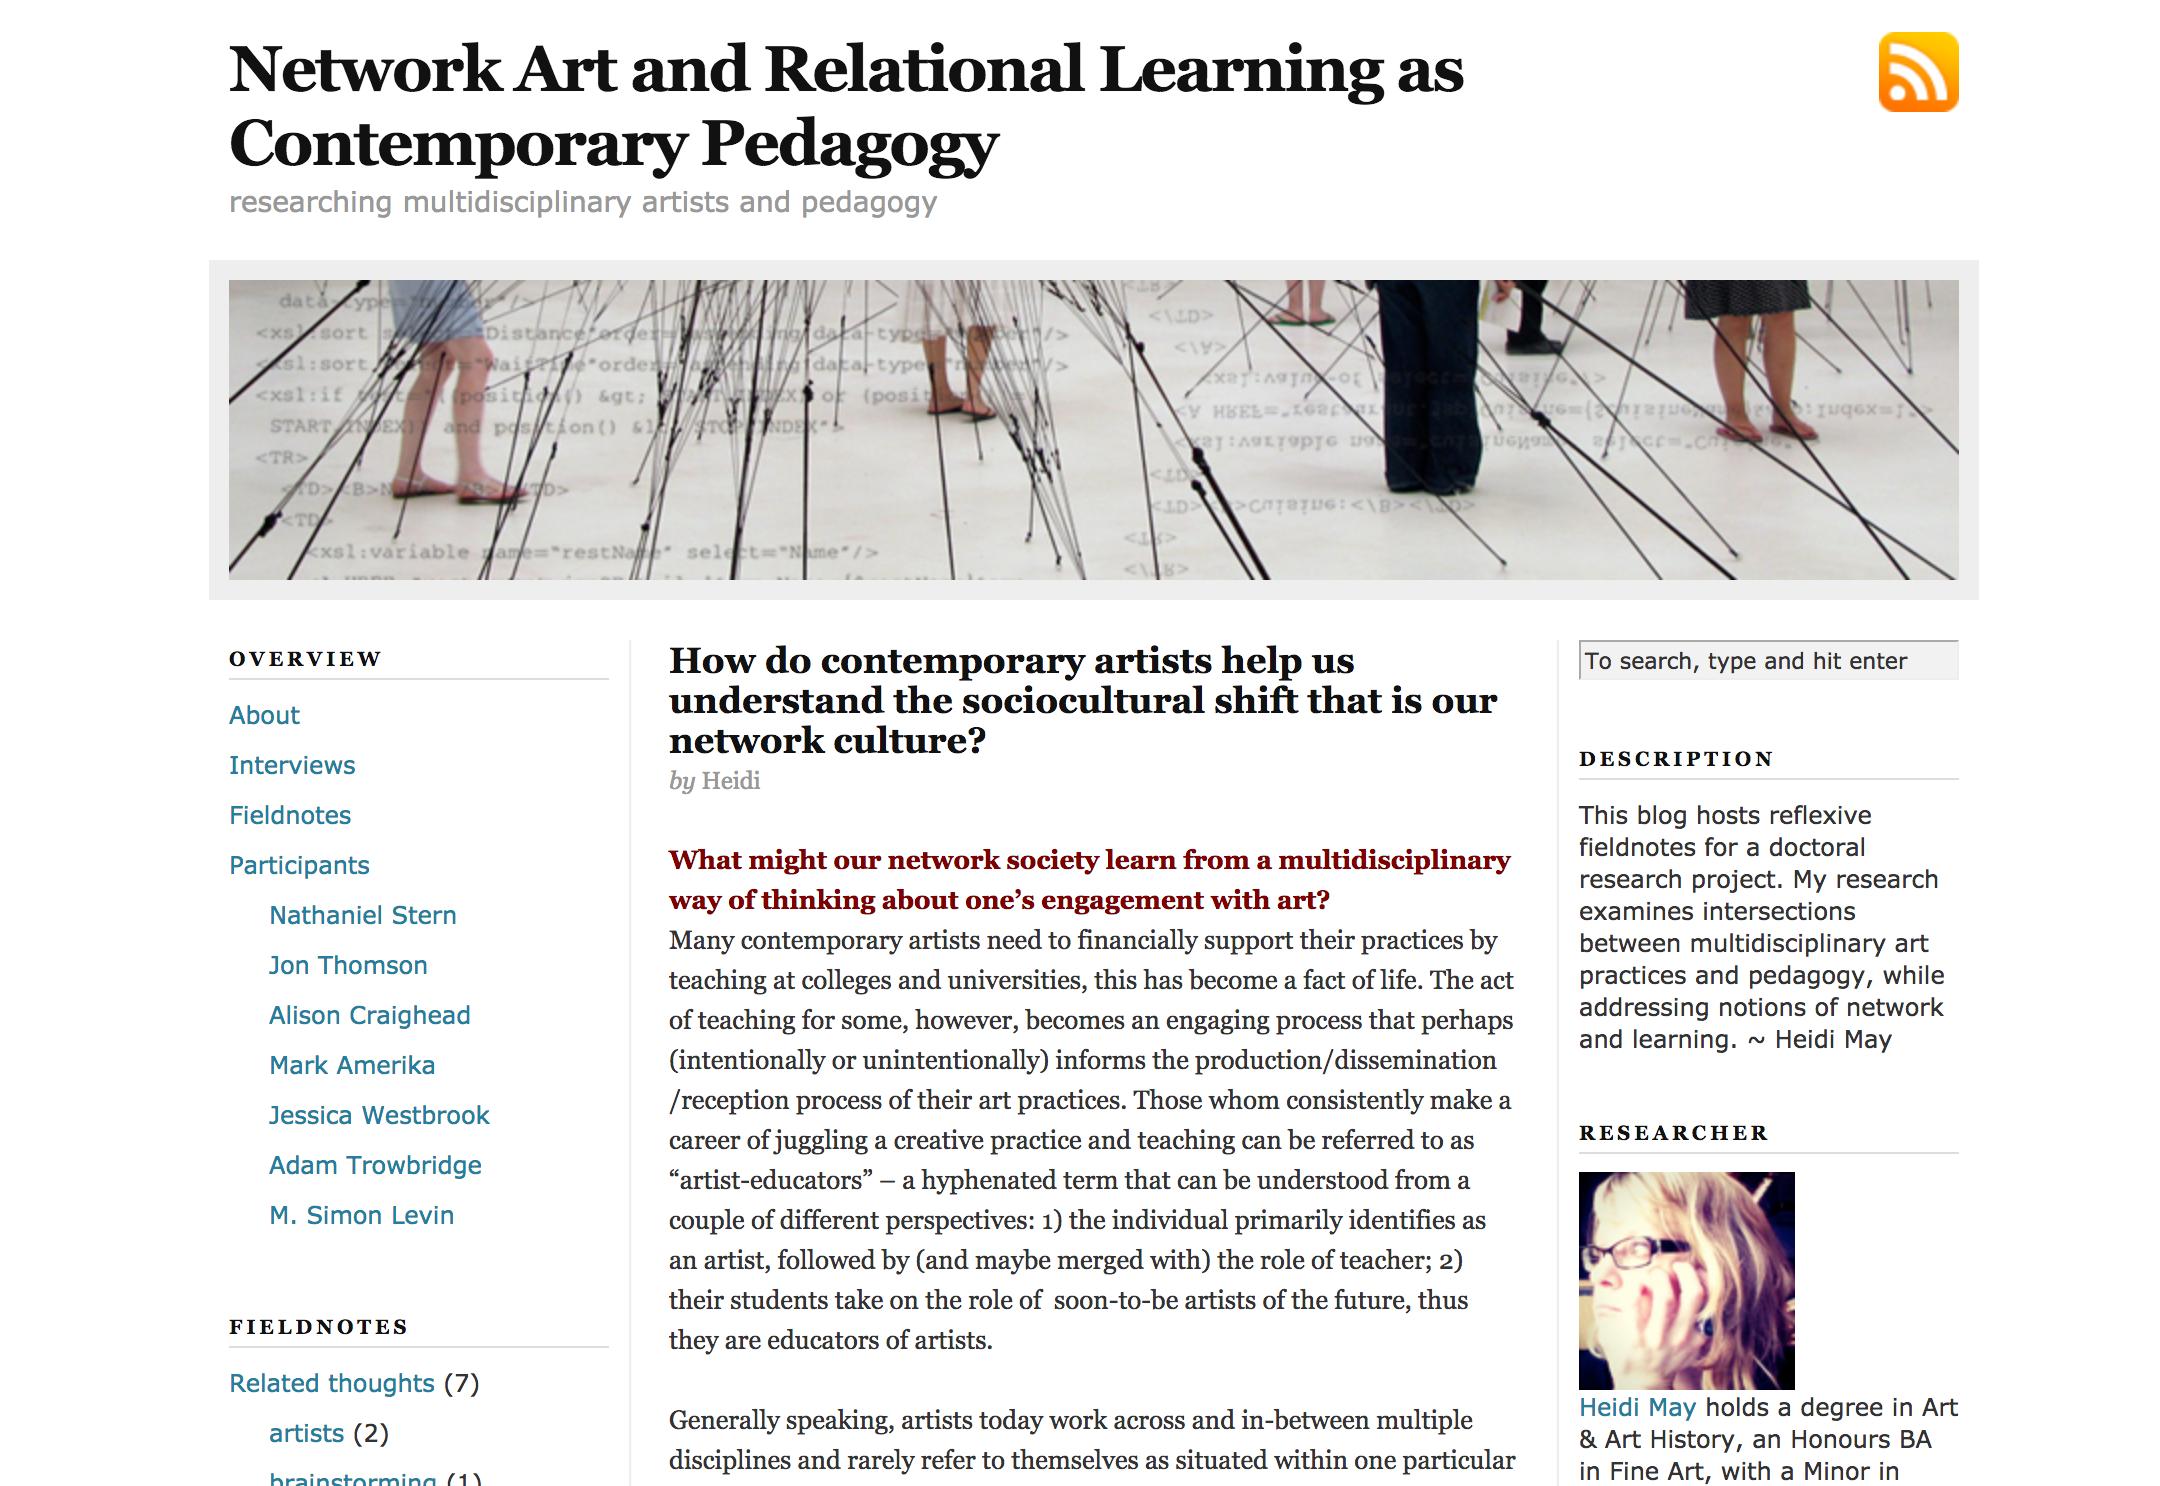 Dissertation digital art